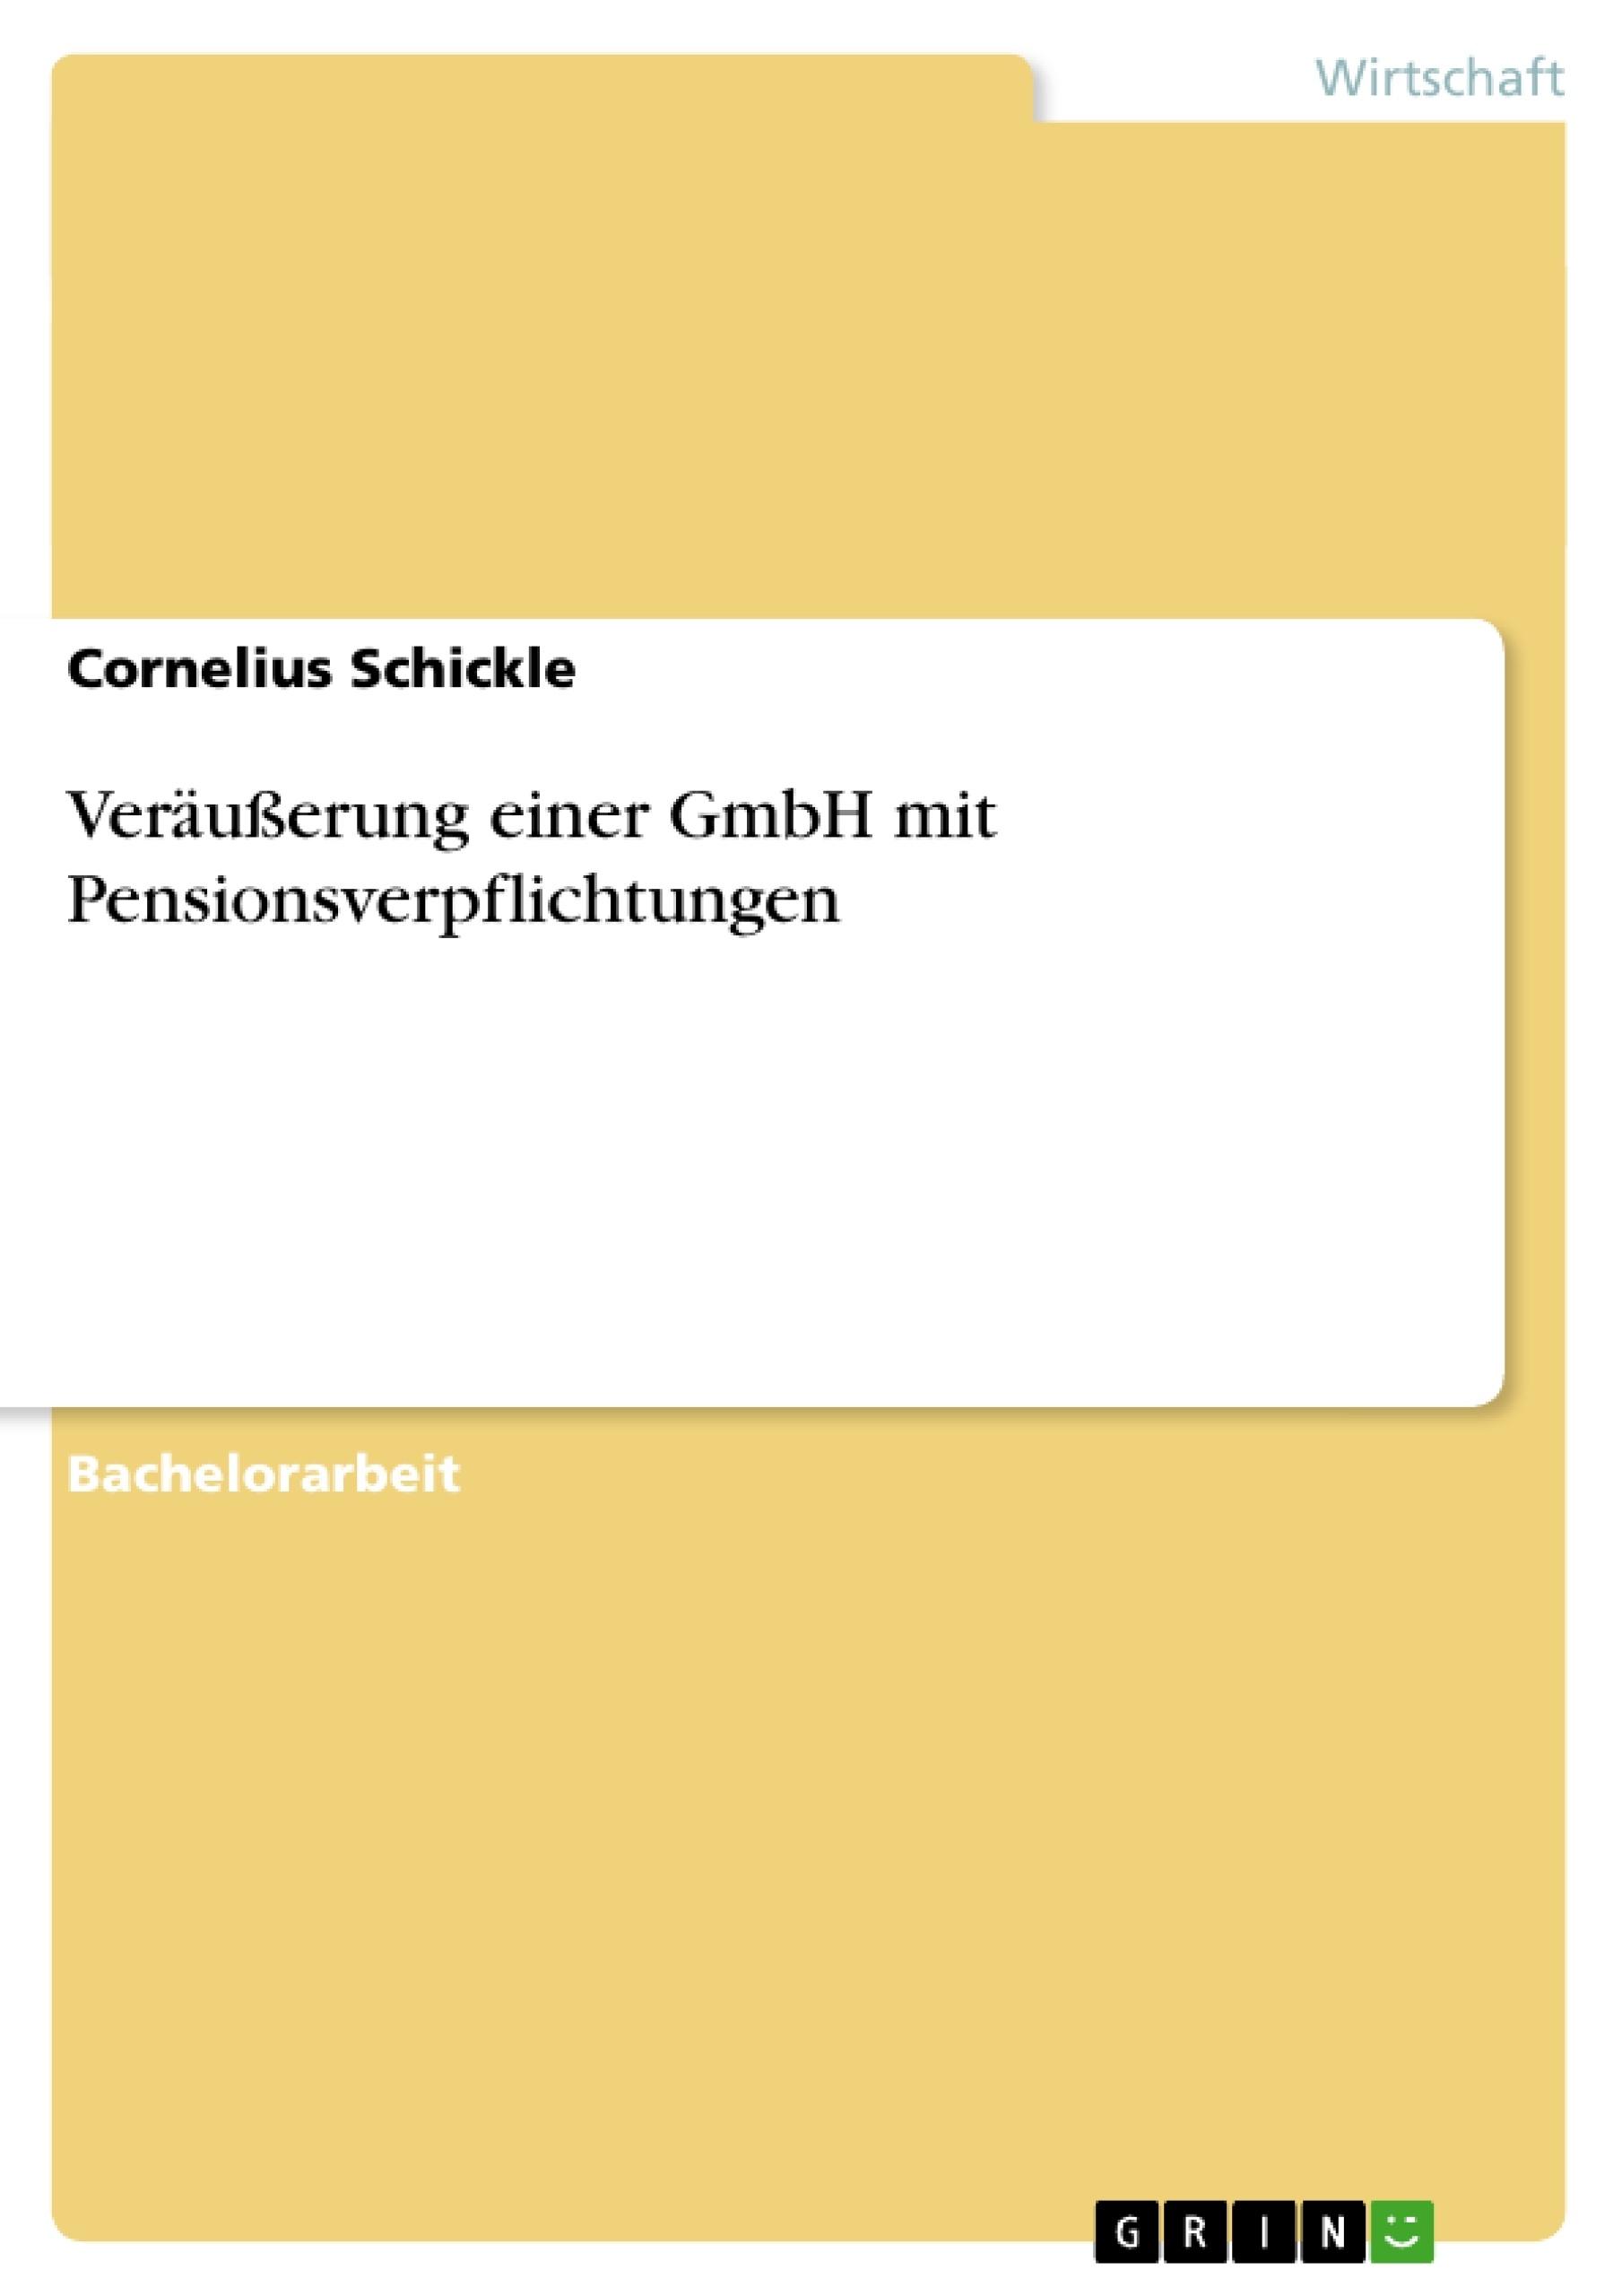 Titel: Veräußerung einer GmbH mit Pensionsverpflichtungen